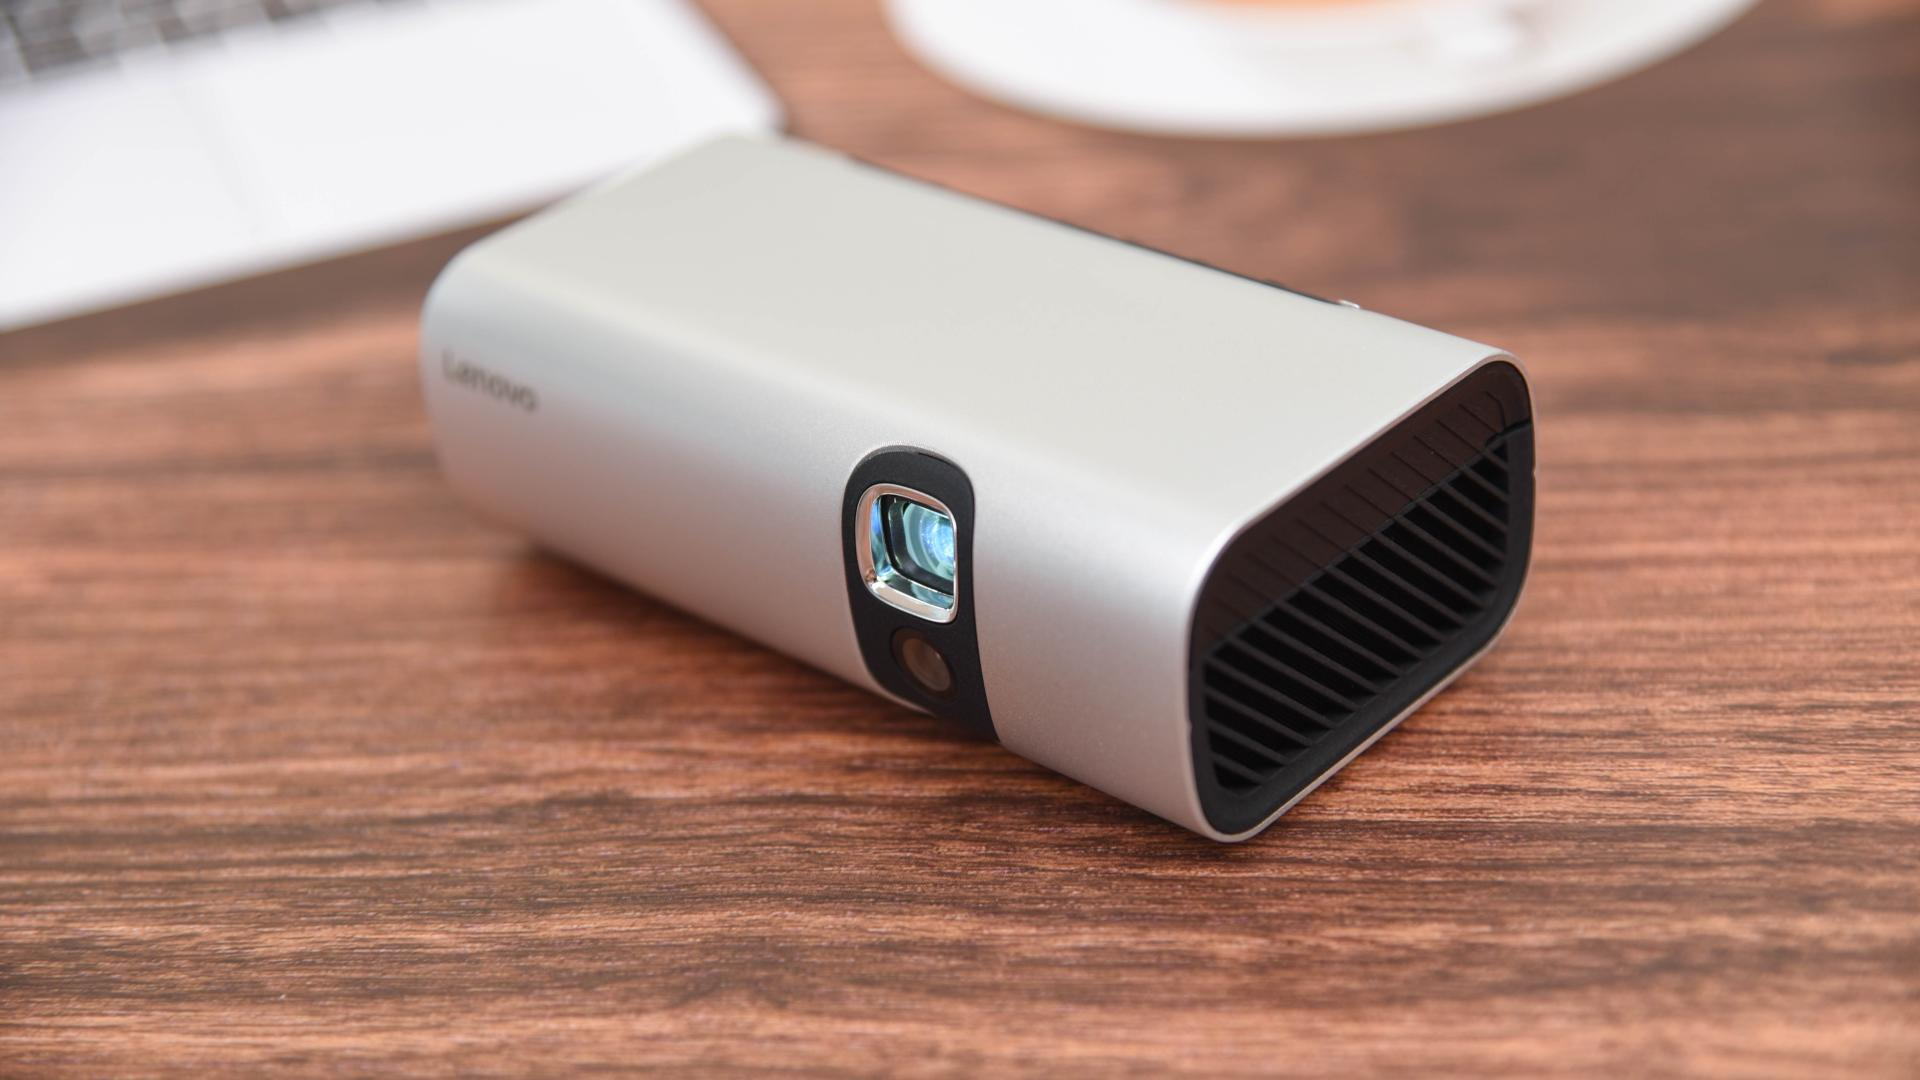 """出差解闷、自驾旅行的""""口袋TV"""",联想智能投影仪T200评测"""